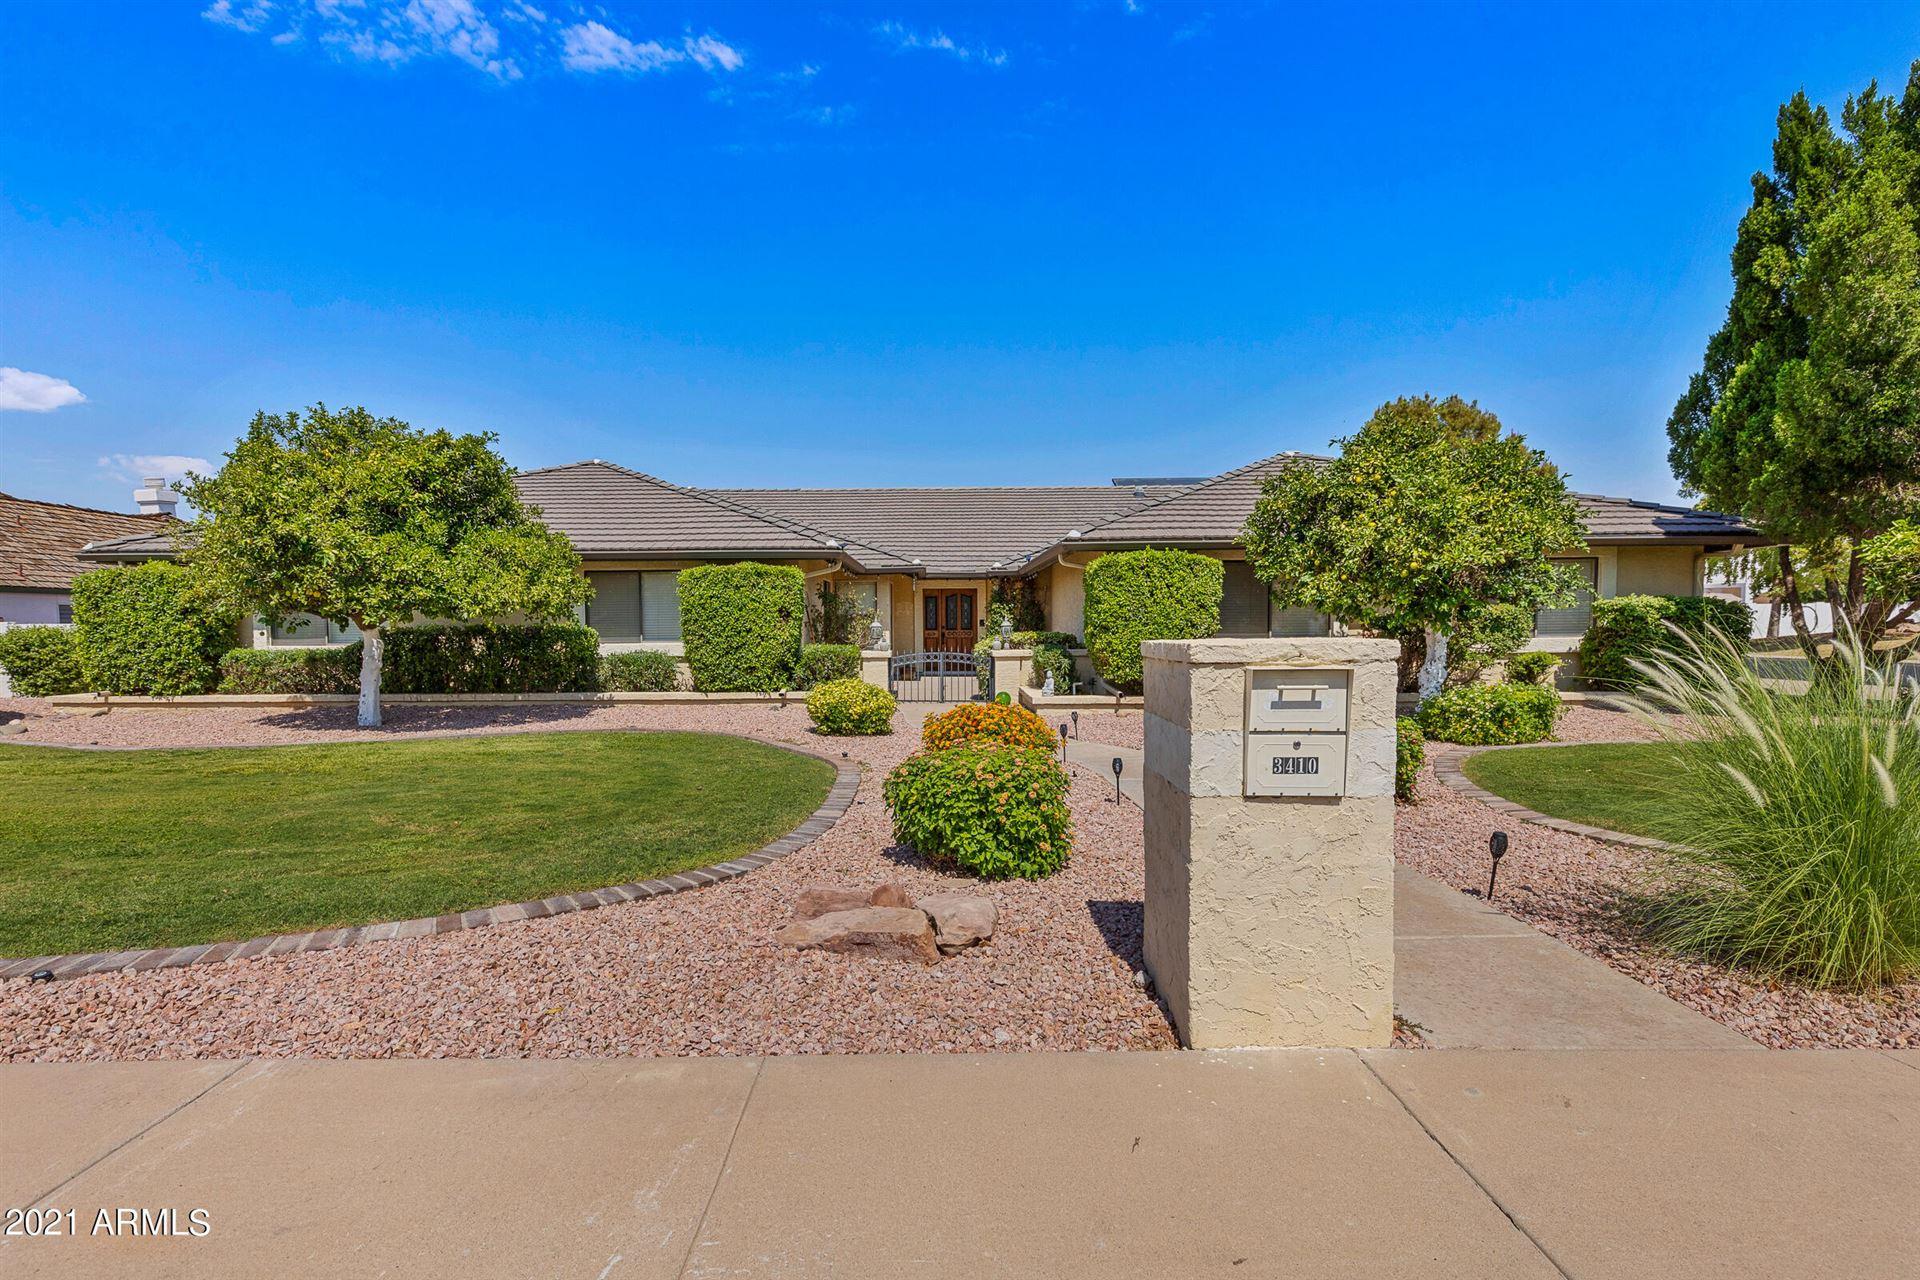 Photo of 3410 E FOUNTAIN Street, Mesa, AZ 85213 (MLS # 6296825)